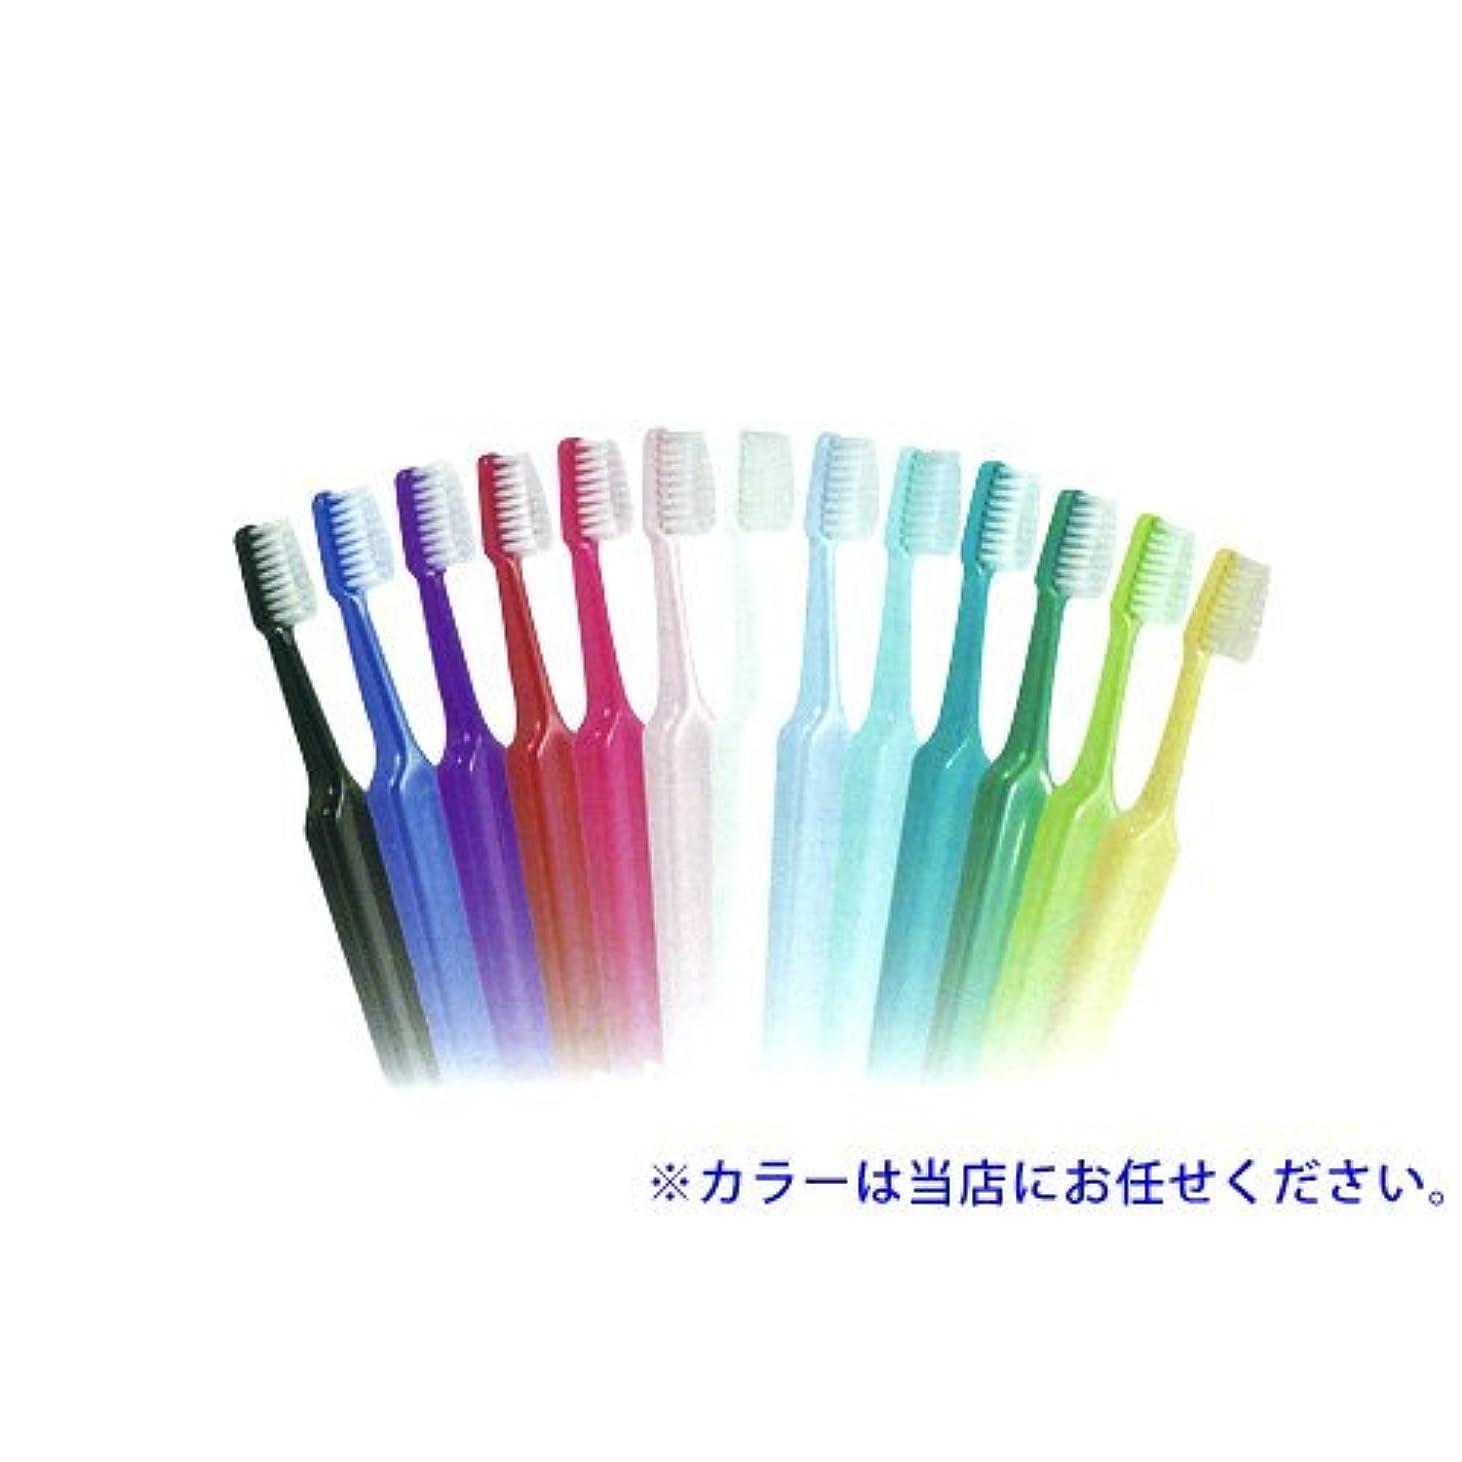 満たす略奪狼クロスフィールド TePe テペ セレクトコンパクト 歯ブラシ 1本 コンパクト ソフト